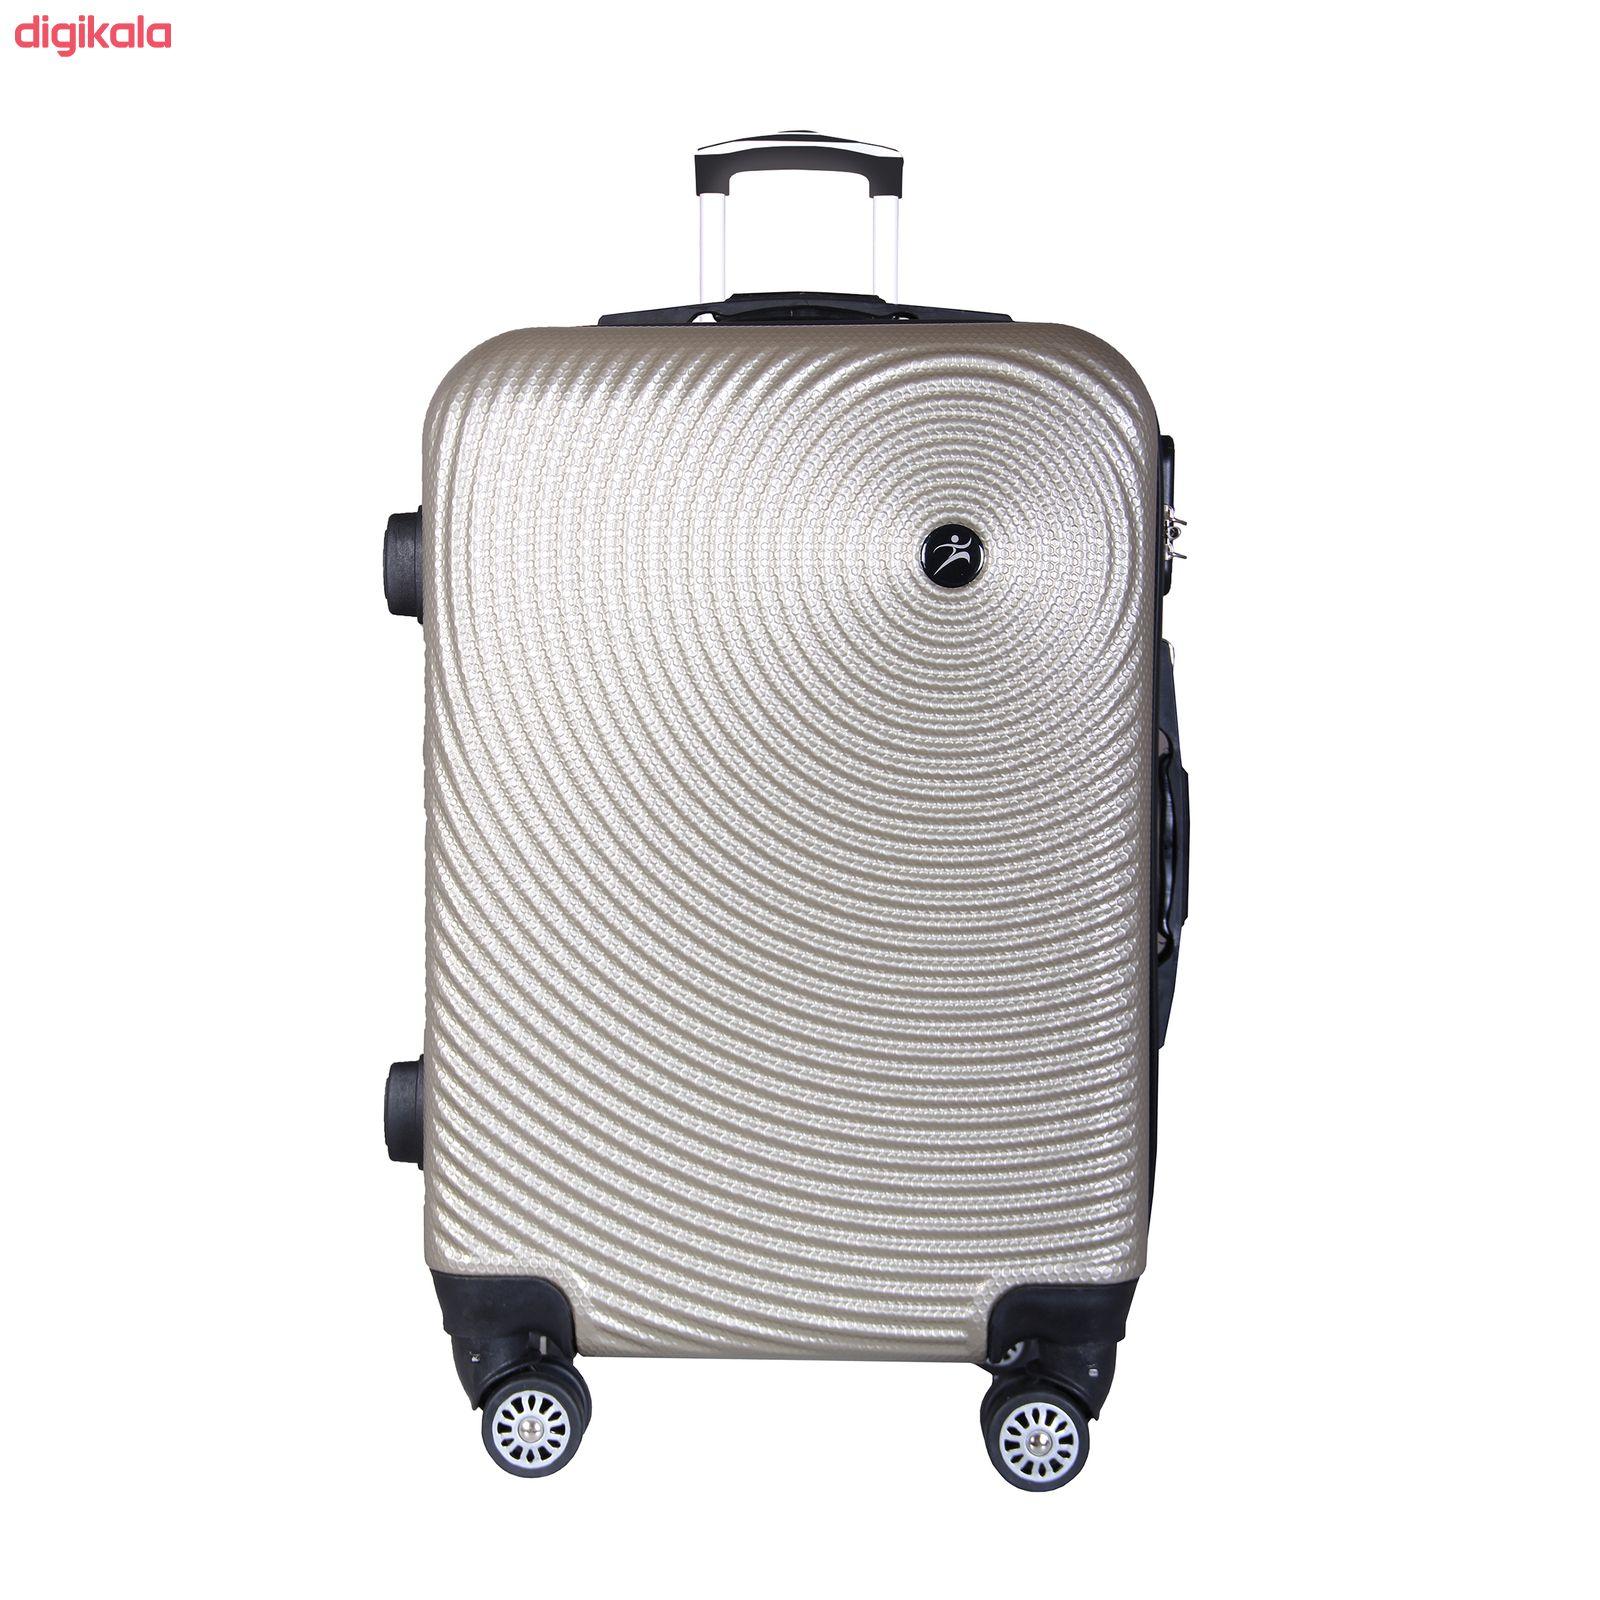 مجموعه چهار عددی چمدان اسپرت من مدل NS001 main 1 11